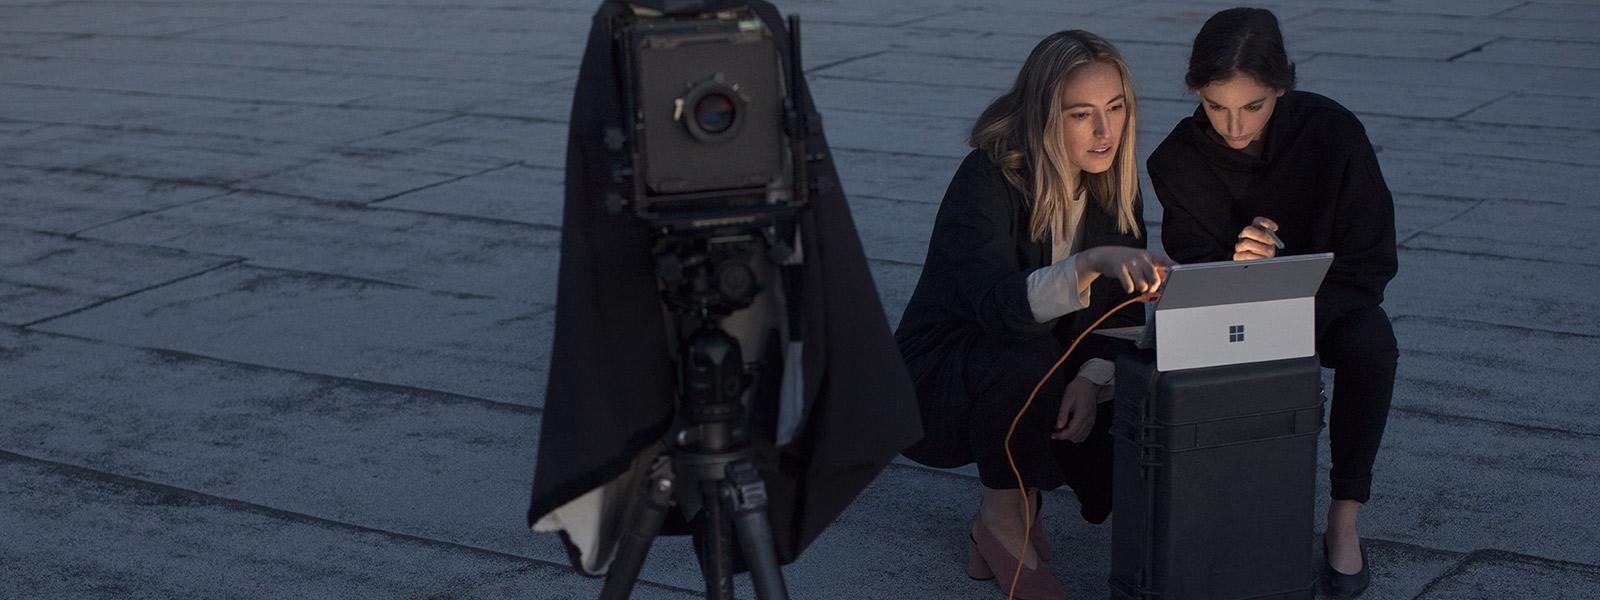 Deux vidéographes utilisant Surface Pro pour revoir une prise de vue